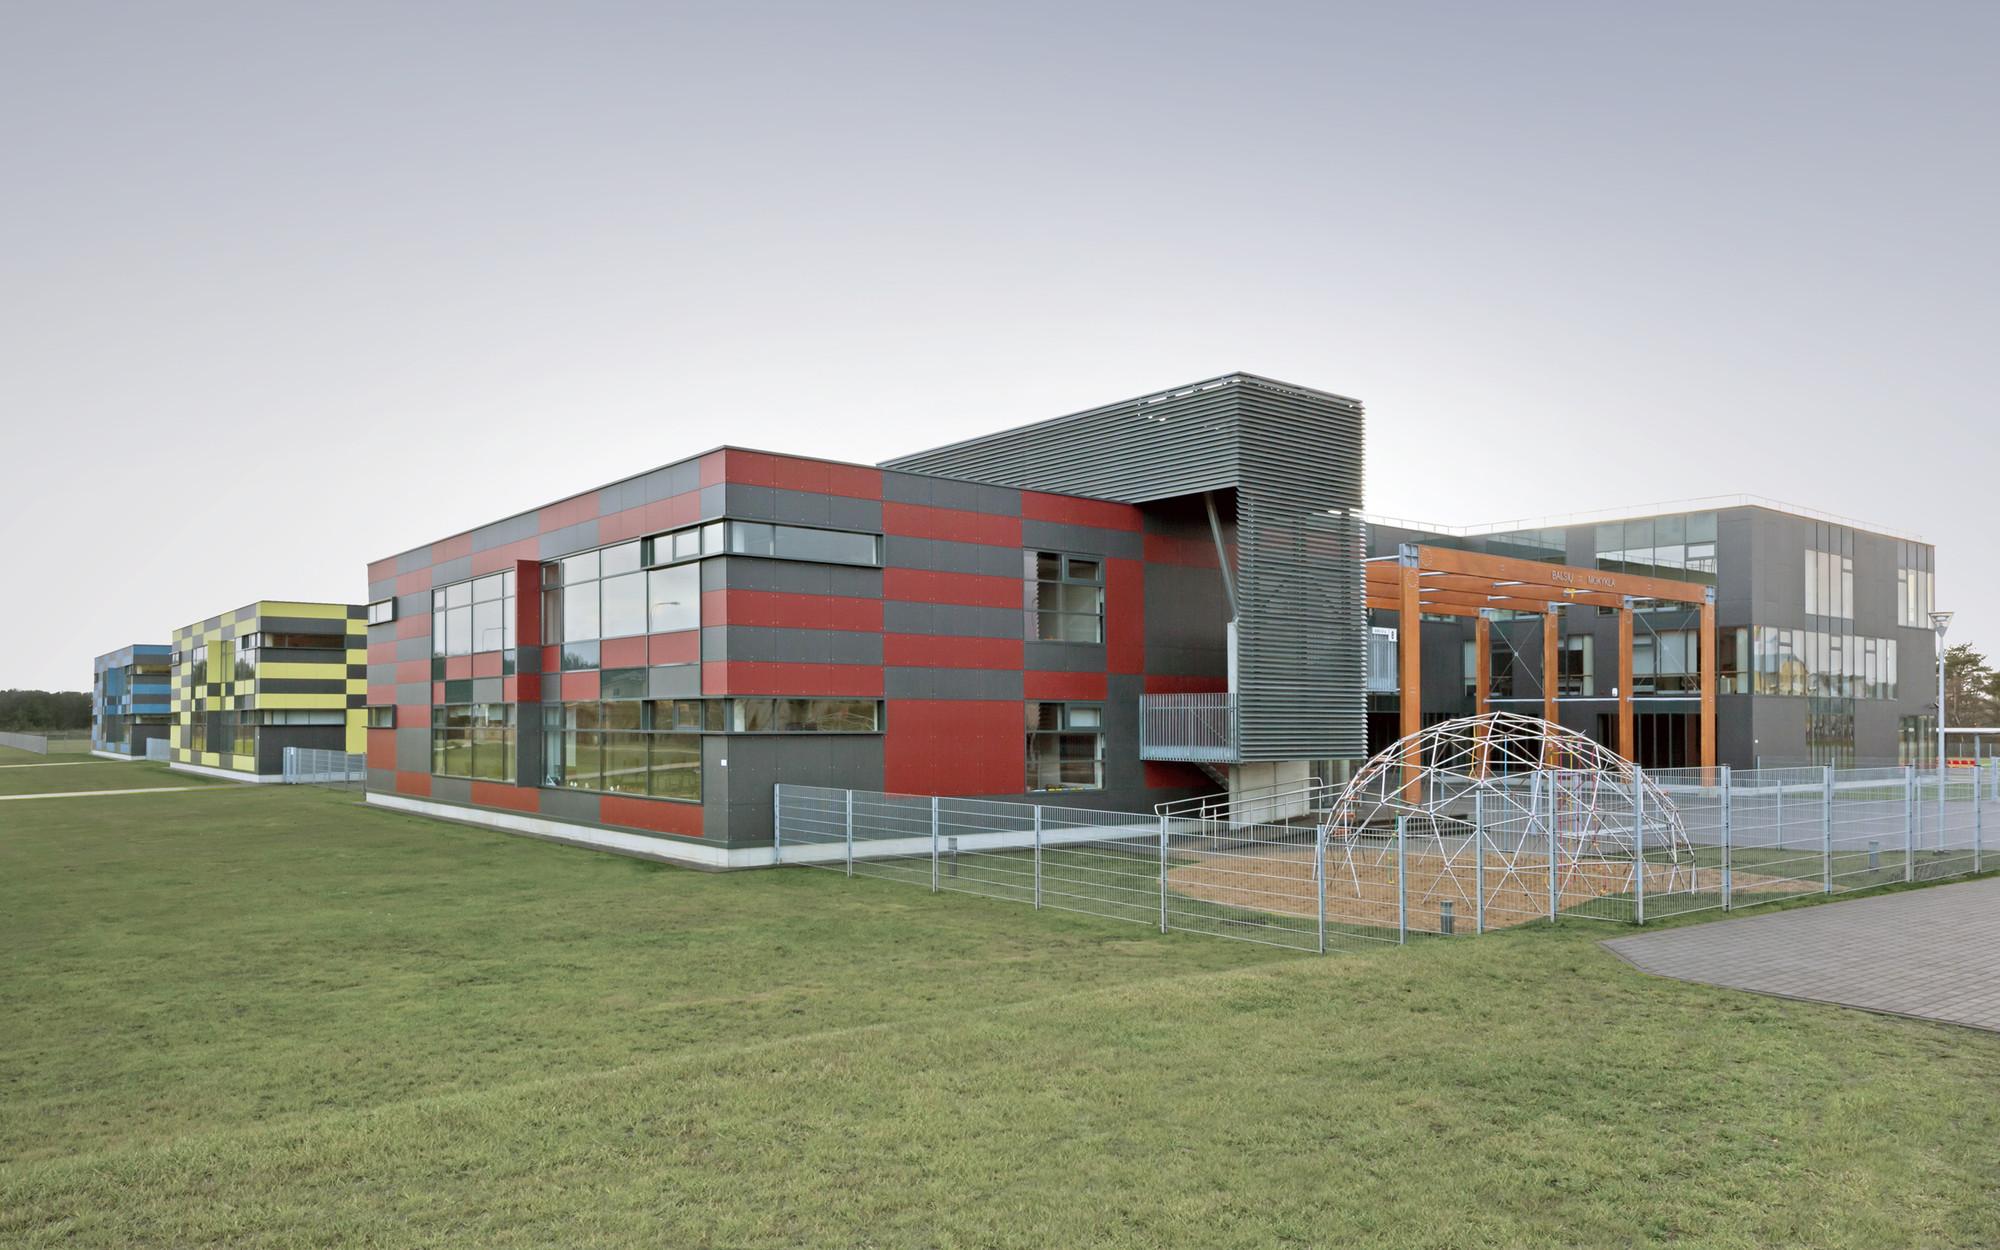 School in Balsiai / Sigitas Kuncevičius Architecture Studio, © Raimondas Urbakavičius